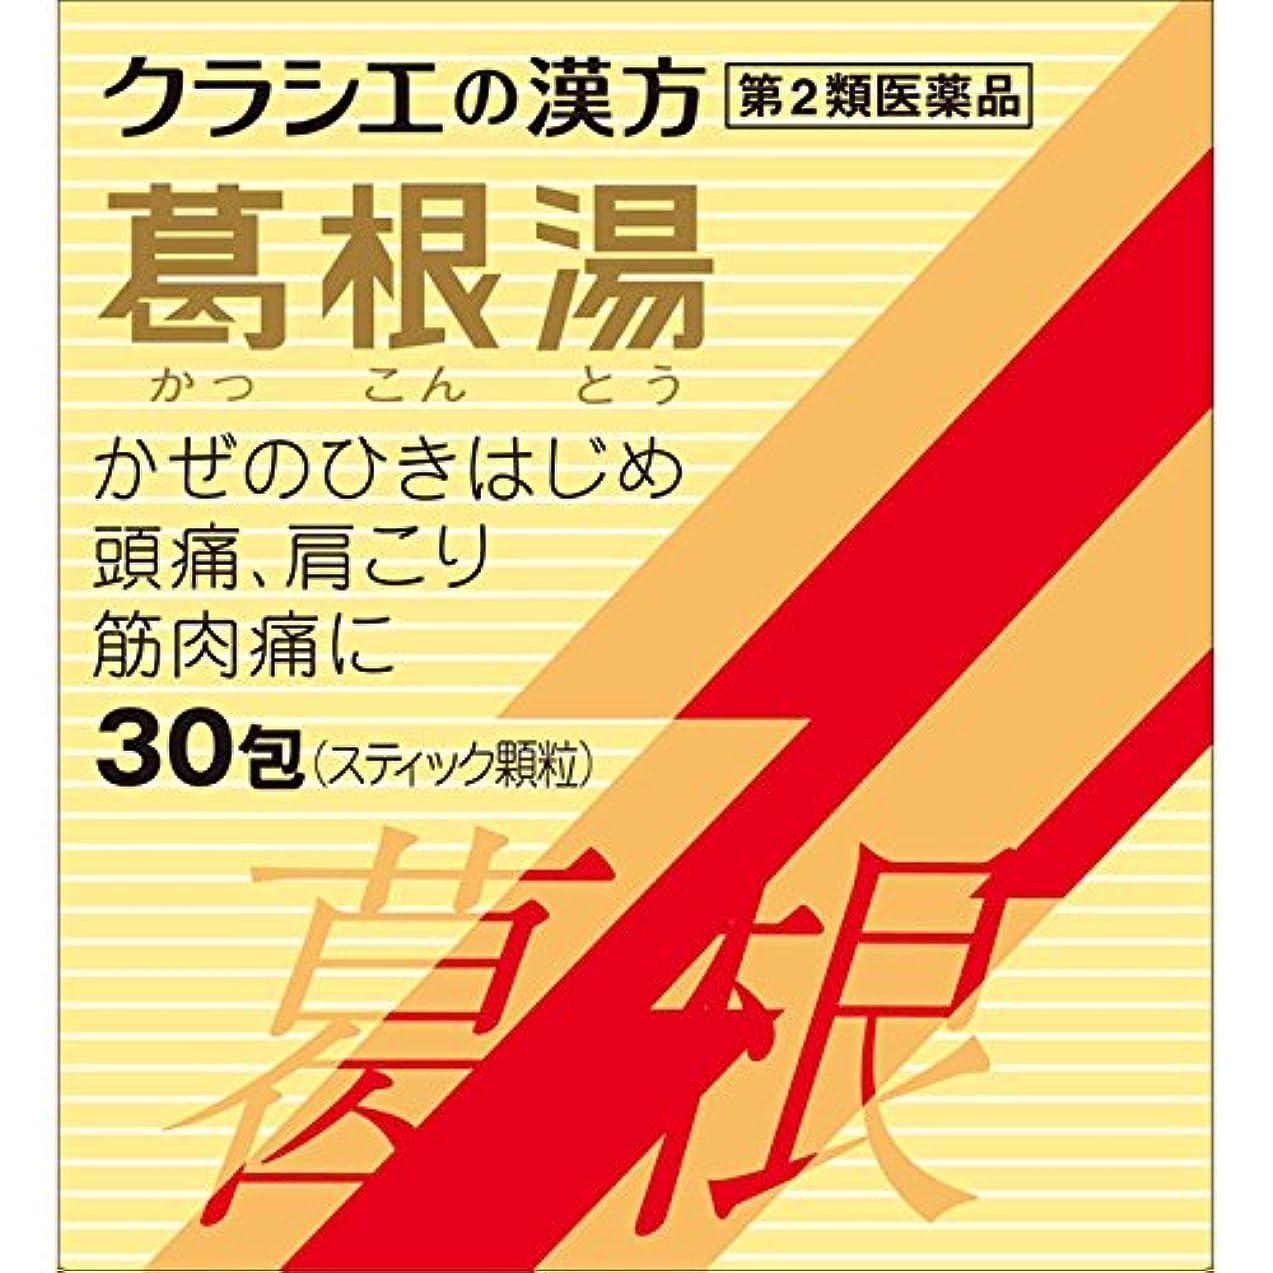 会話特殊化学薬品【第2類医薬品】葛根湯エキス顆粒Sクラシエ 30包